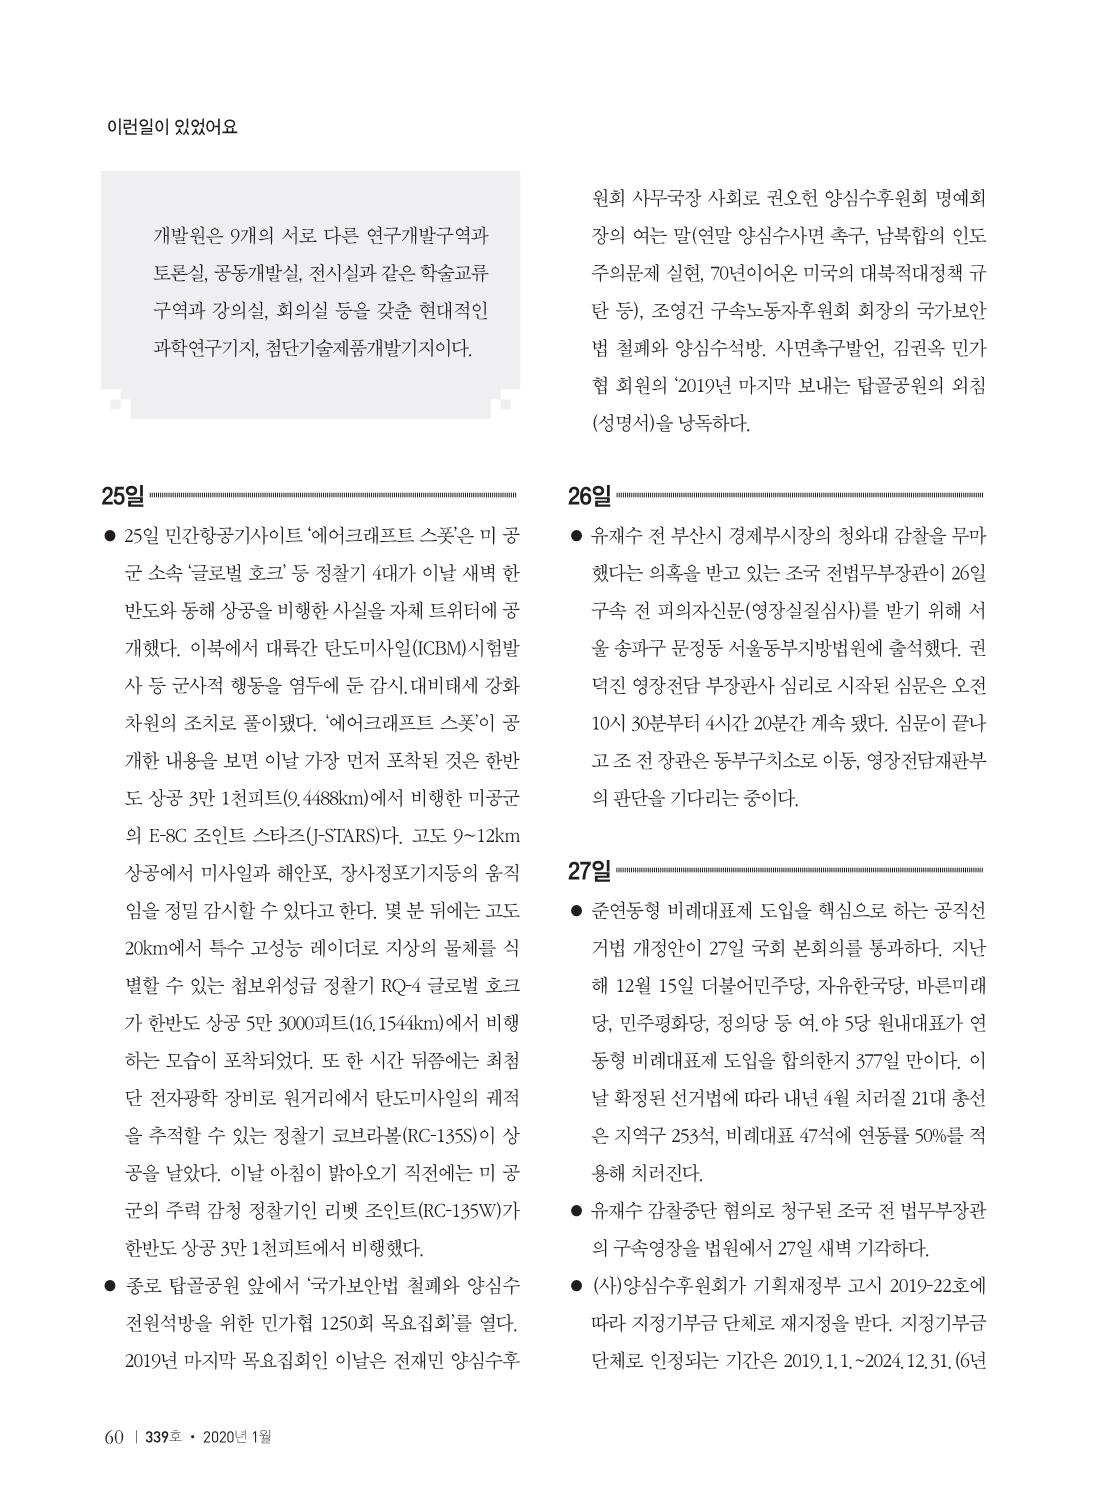 a864bddb-4dd3-476a-b443-283540dfe024.pdf-0062.jpg